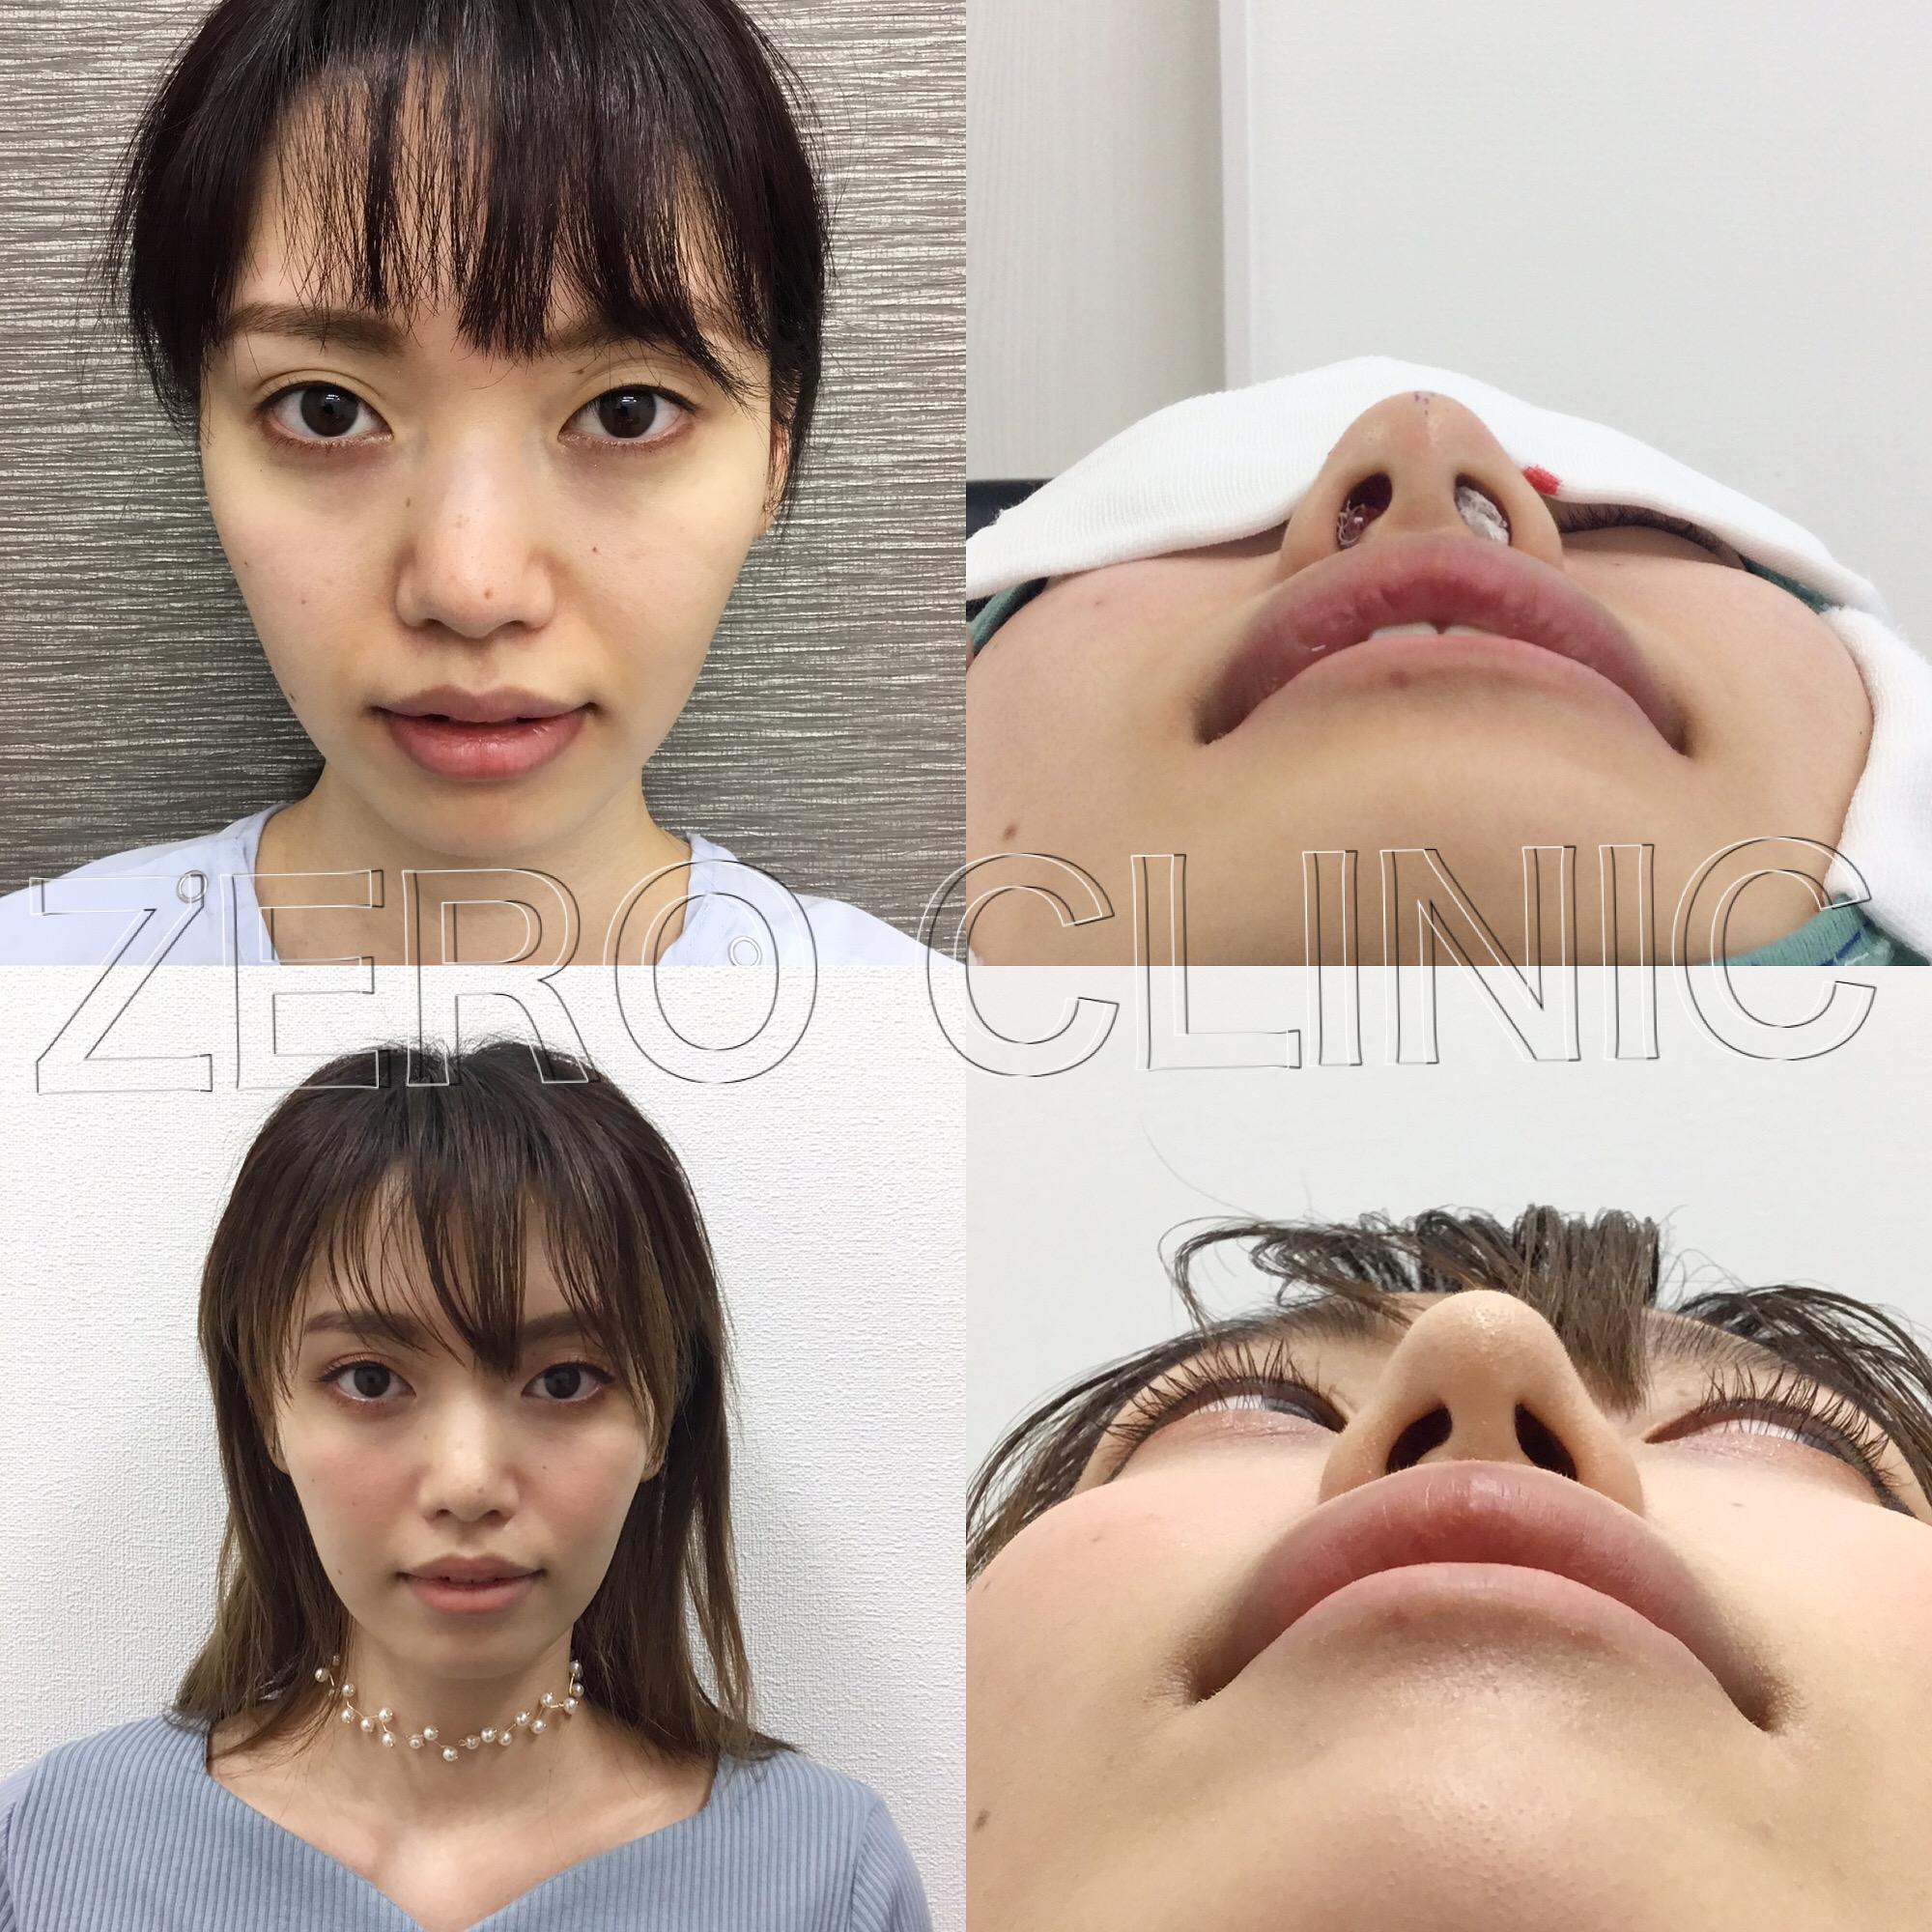 する 小さく の 方法 穴 鼻